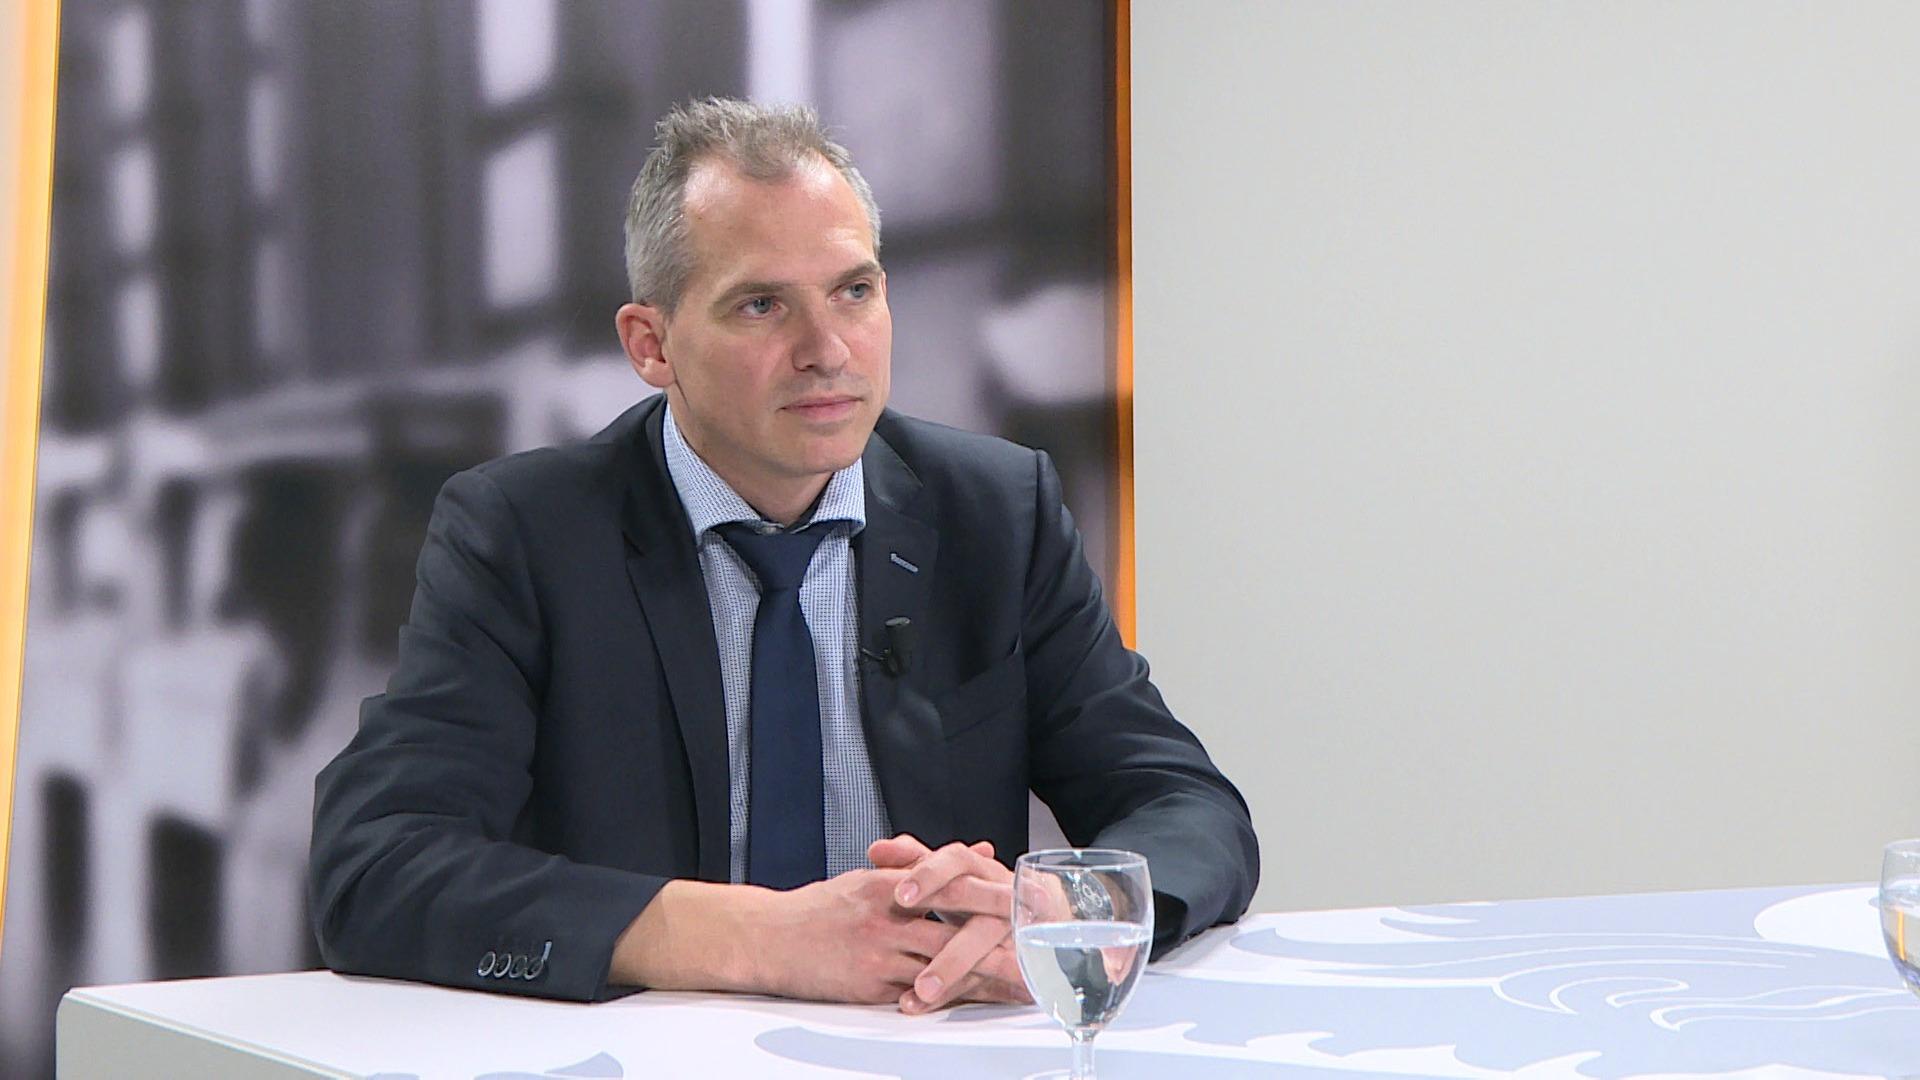 Studio Vlaams Parlement: Matthias Diependaele over de gevolgen van de Brexit